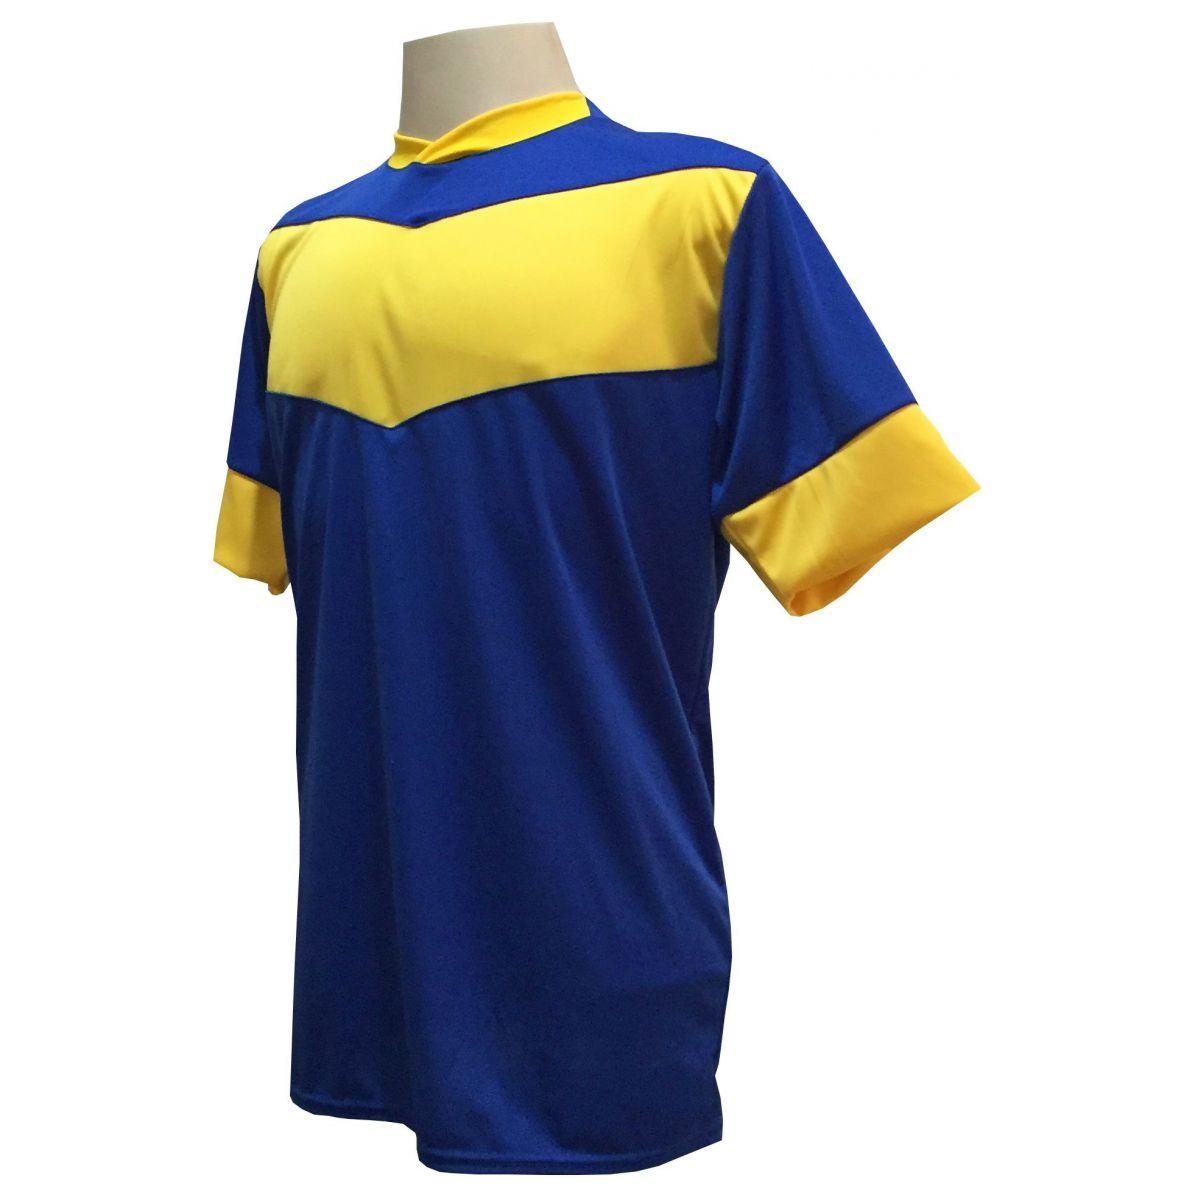 Uniforme Esportivo com 18 camisas modelo Columbus Royal/Amarelo + 18 calções modelo Madrid + 1 Goleiro + Brindes